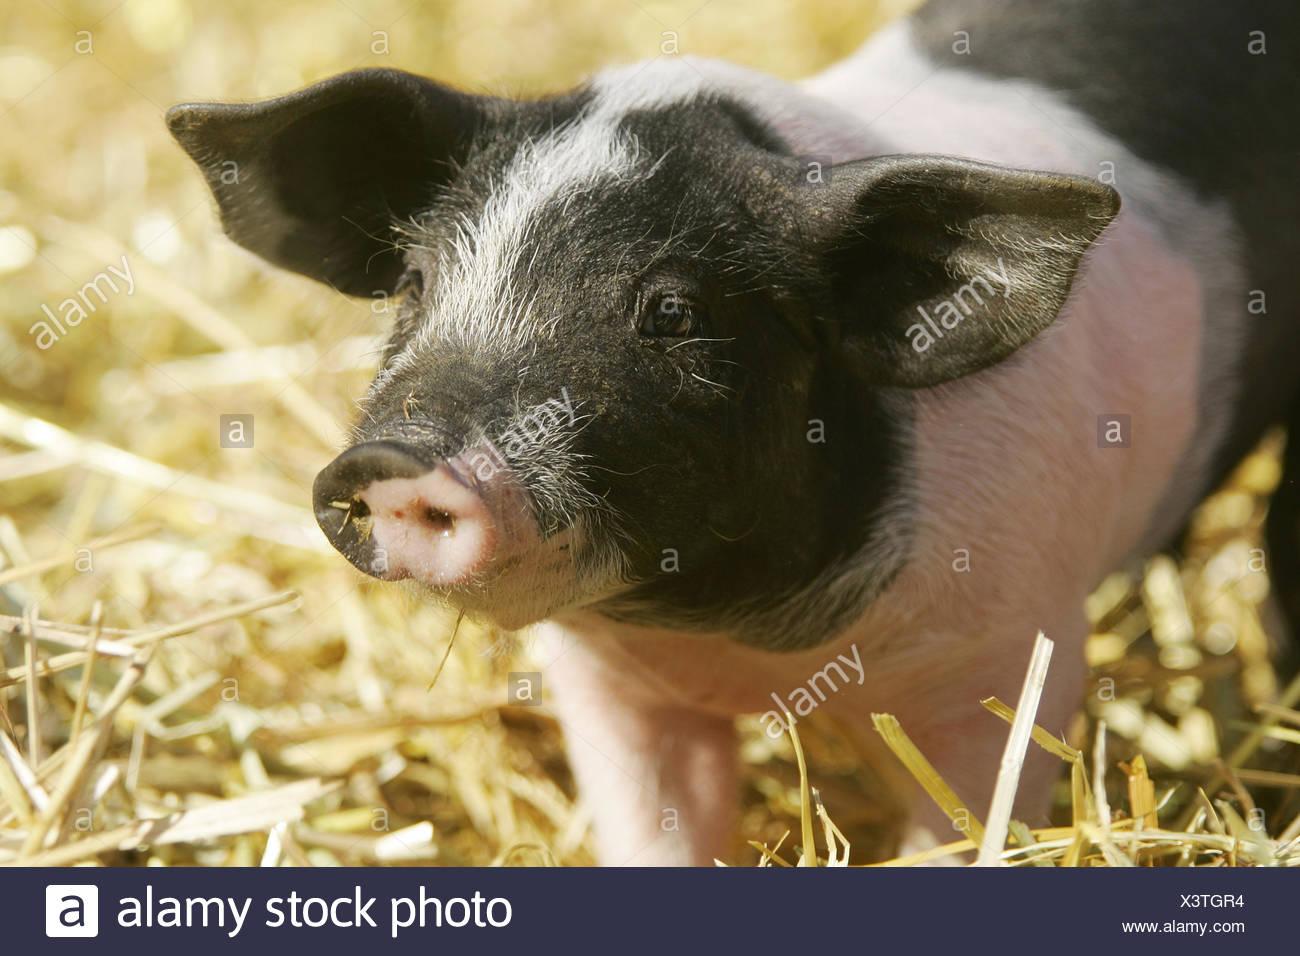 Hallisches Schwein / Ferkel Stock Photo